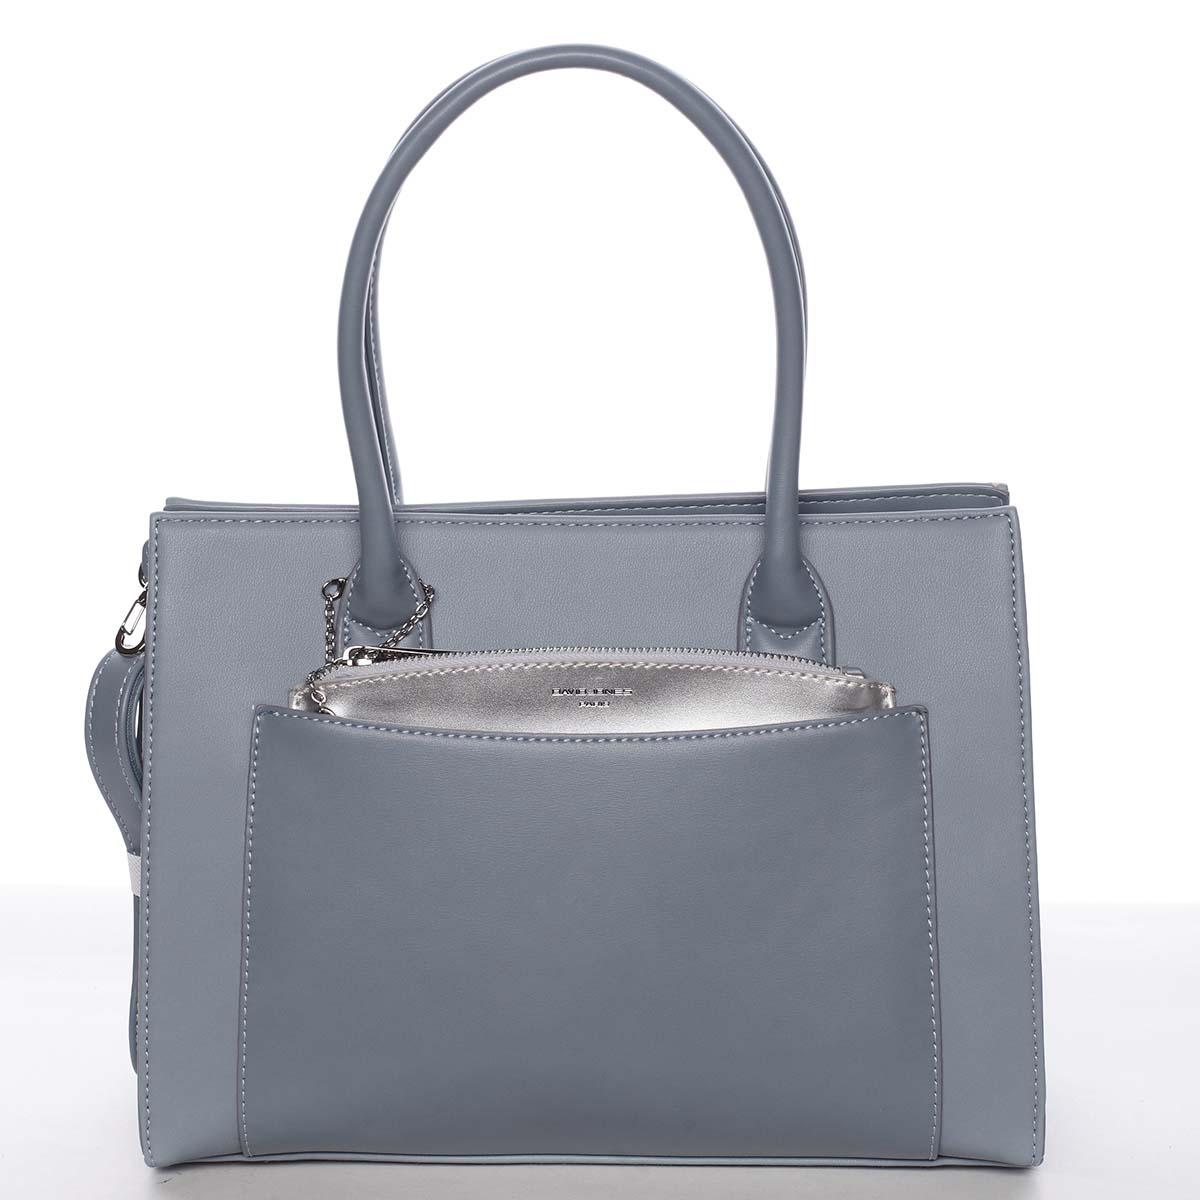 Exkluzivní dámská pastelově modrá kabelka - David Jones Hillary modrá